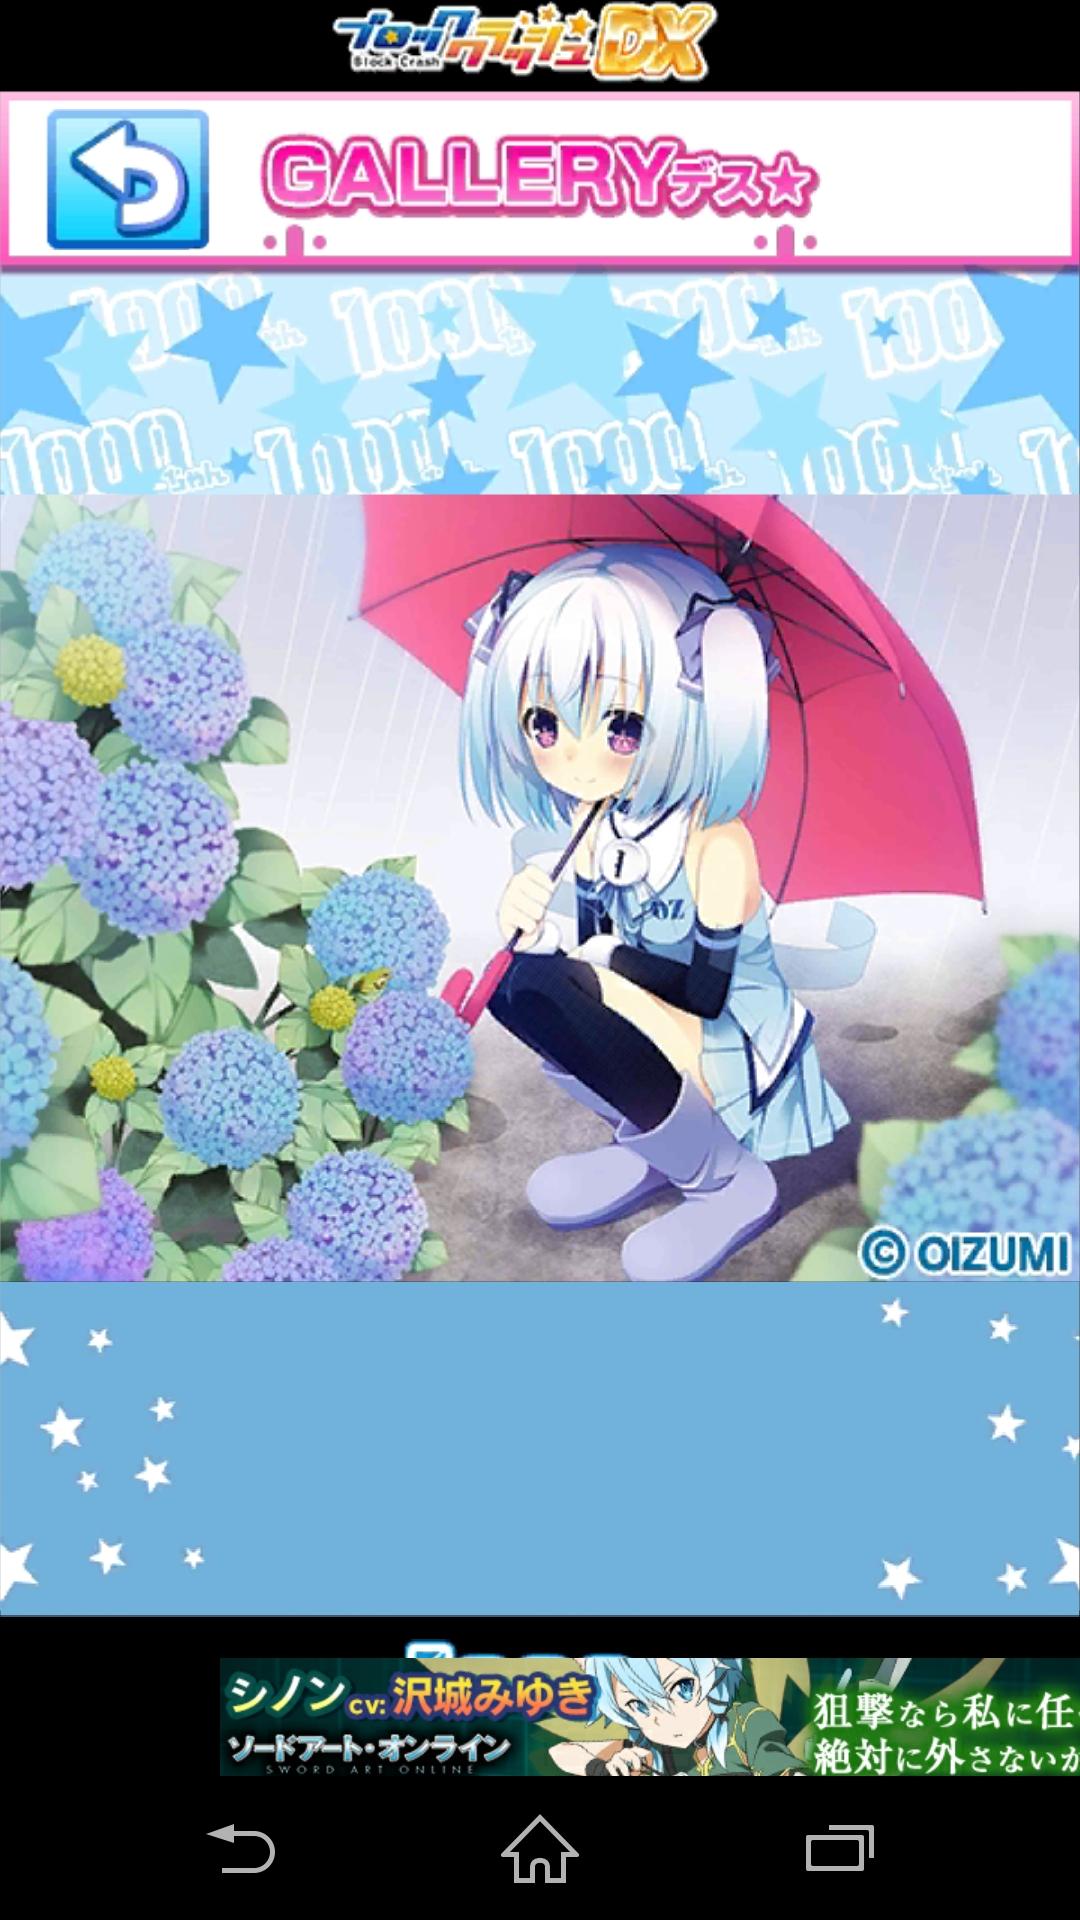 1000ちゃんの画像 p1_8